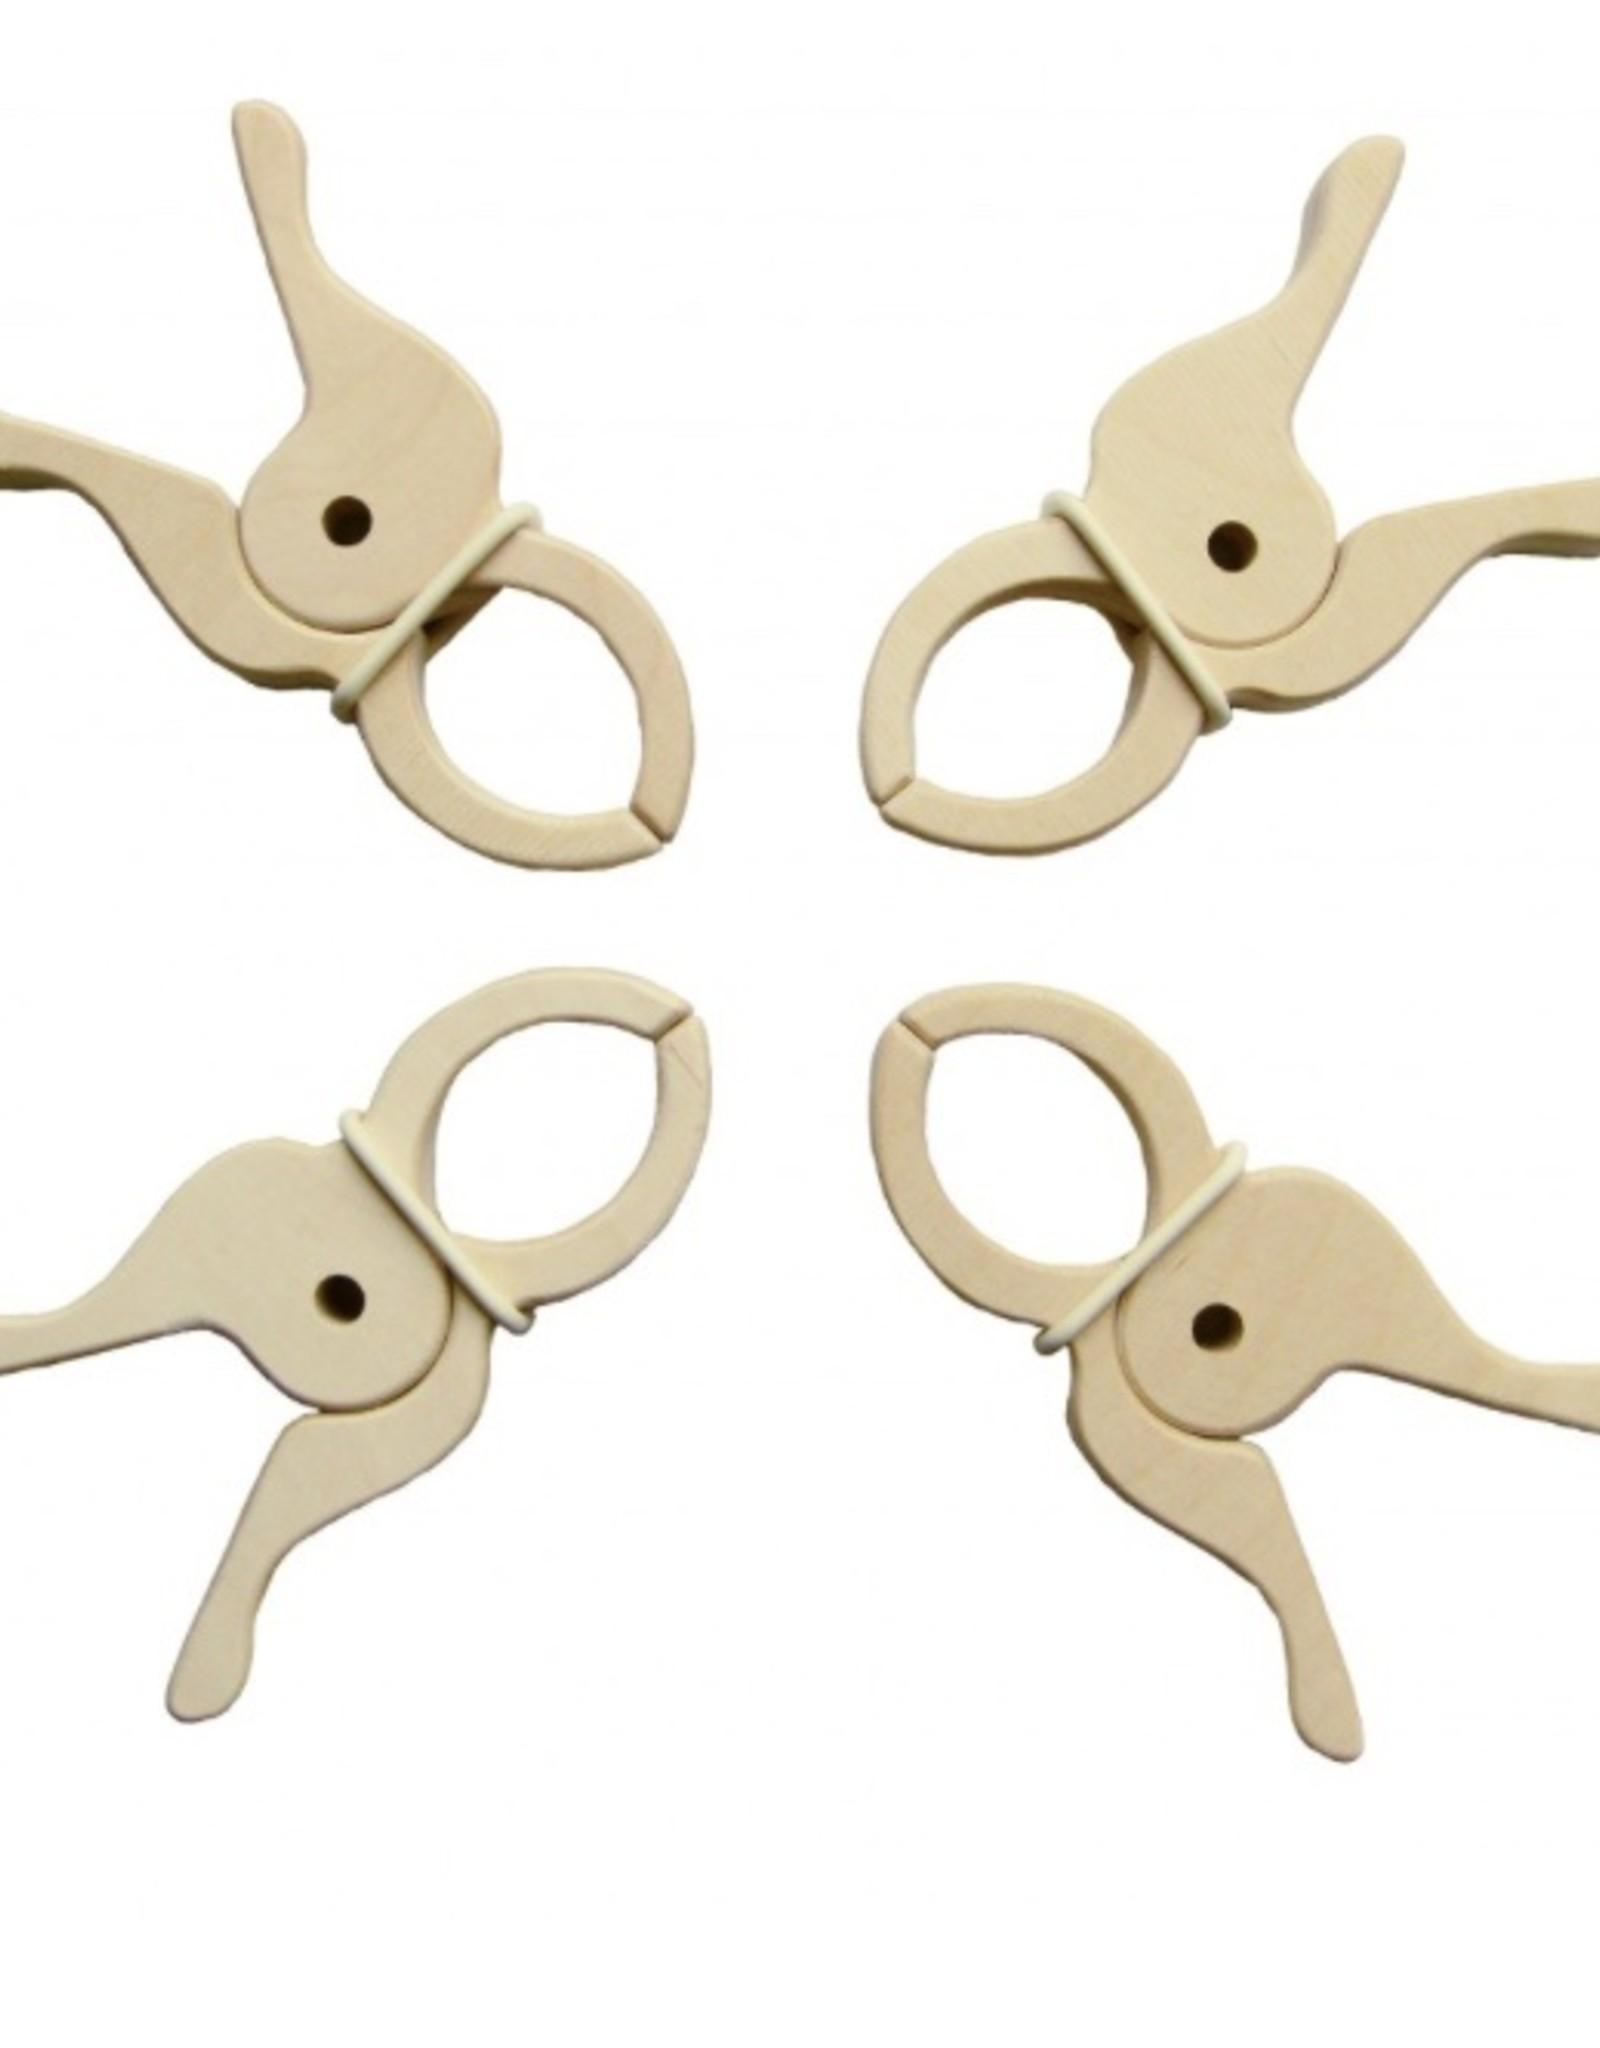 Speelbelovend Grote houten knijper / wasknijper / reuzen houten knijper